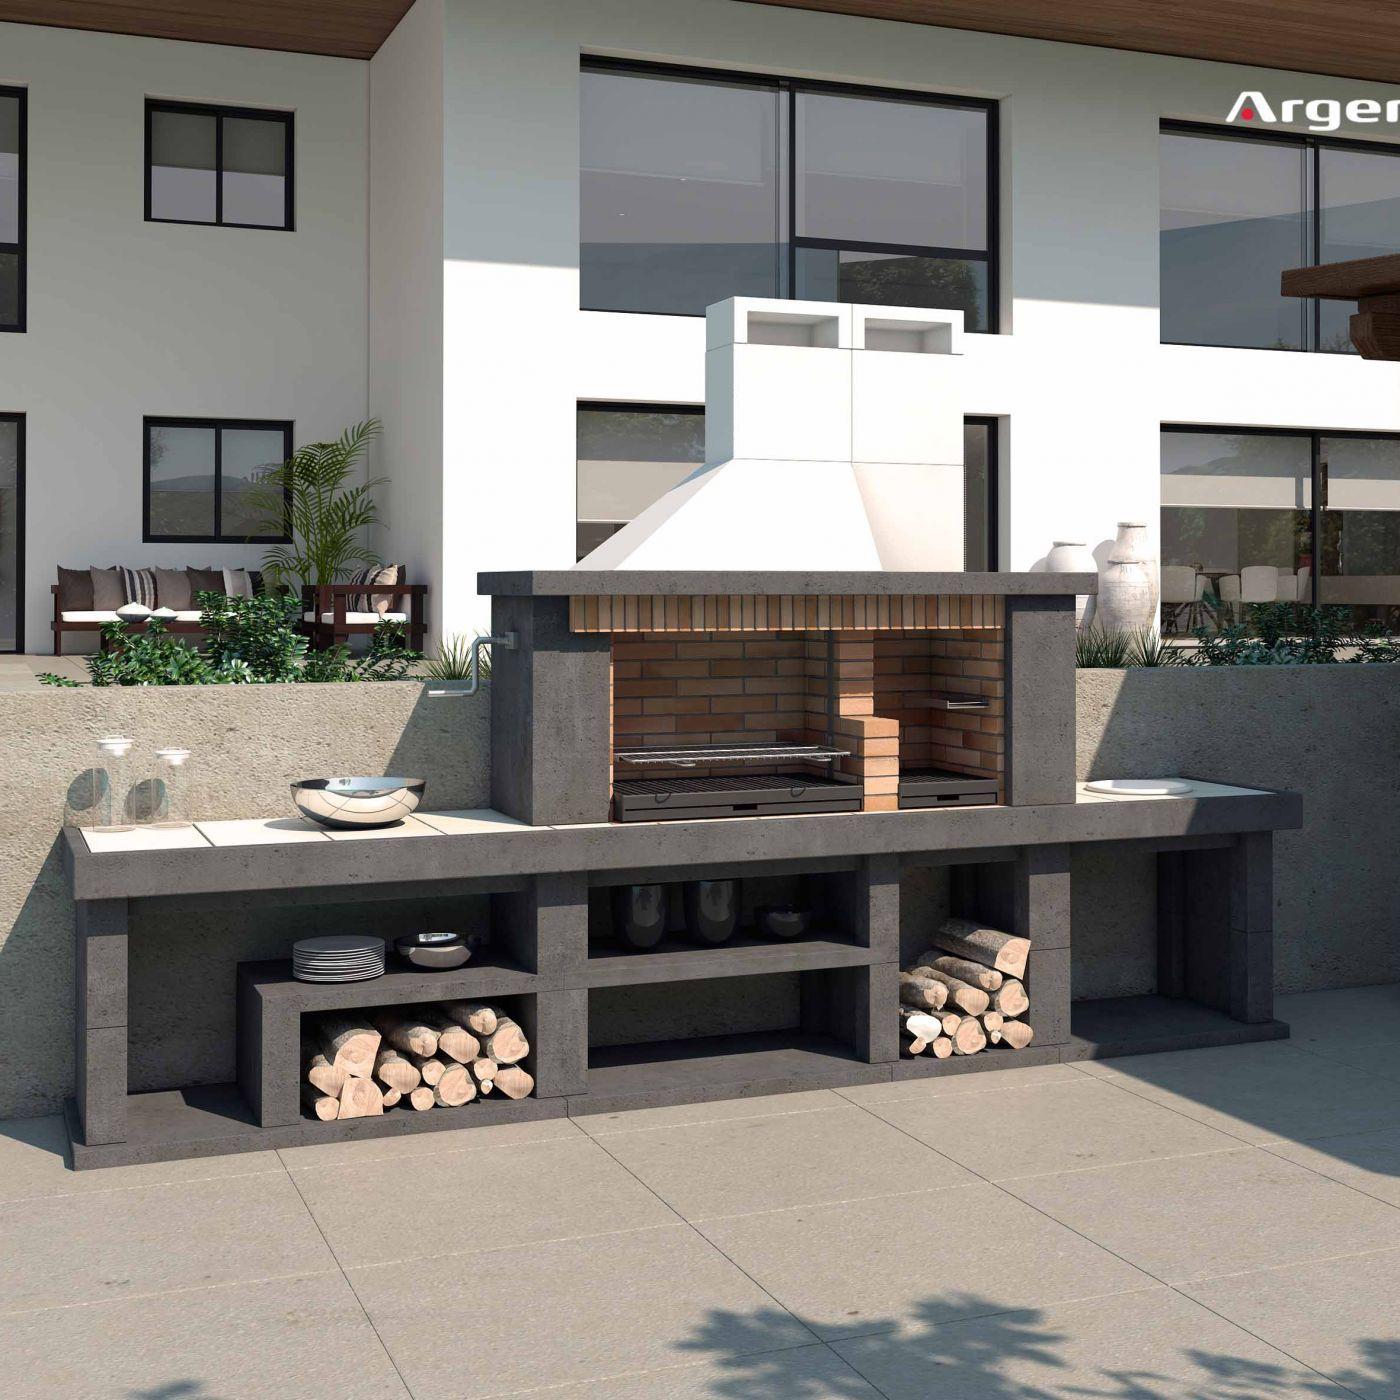 Delta recte jardin pinterest barbacoa asador y parrilla for Ladrillos para barbacoa